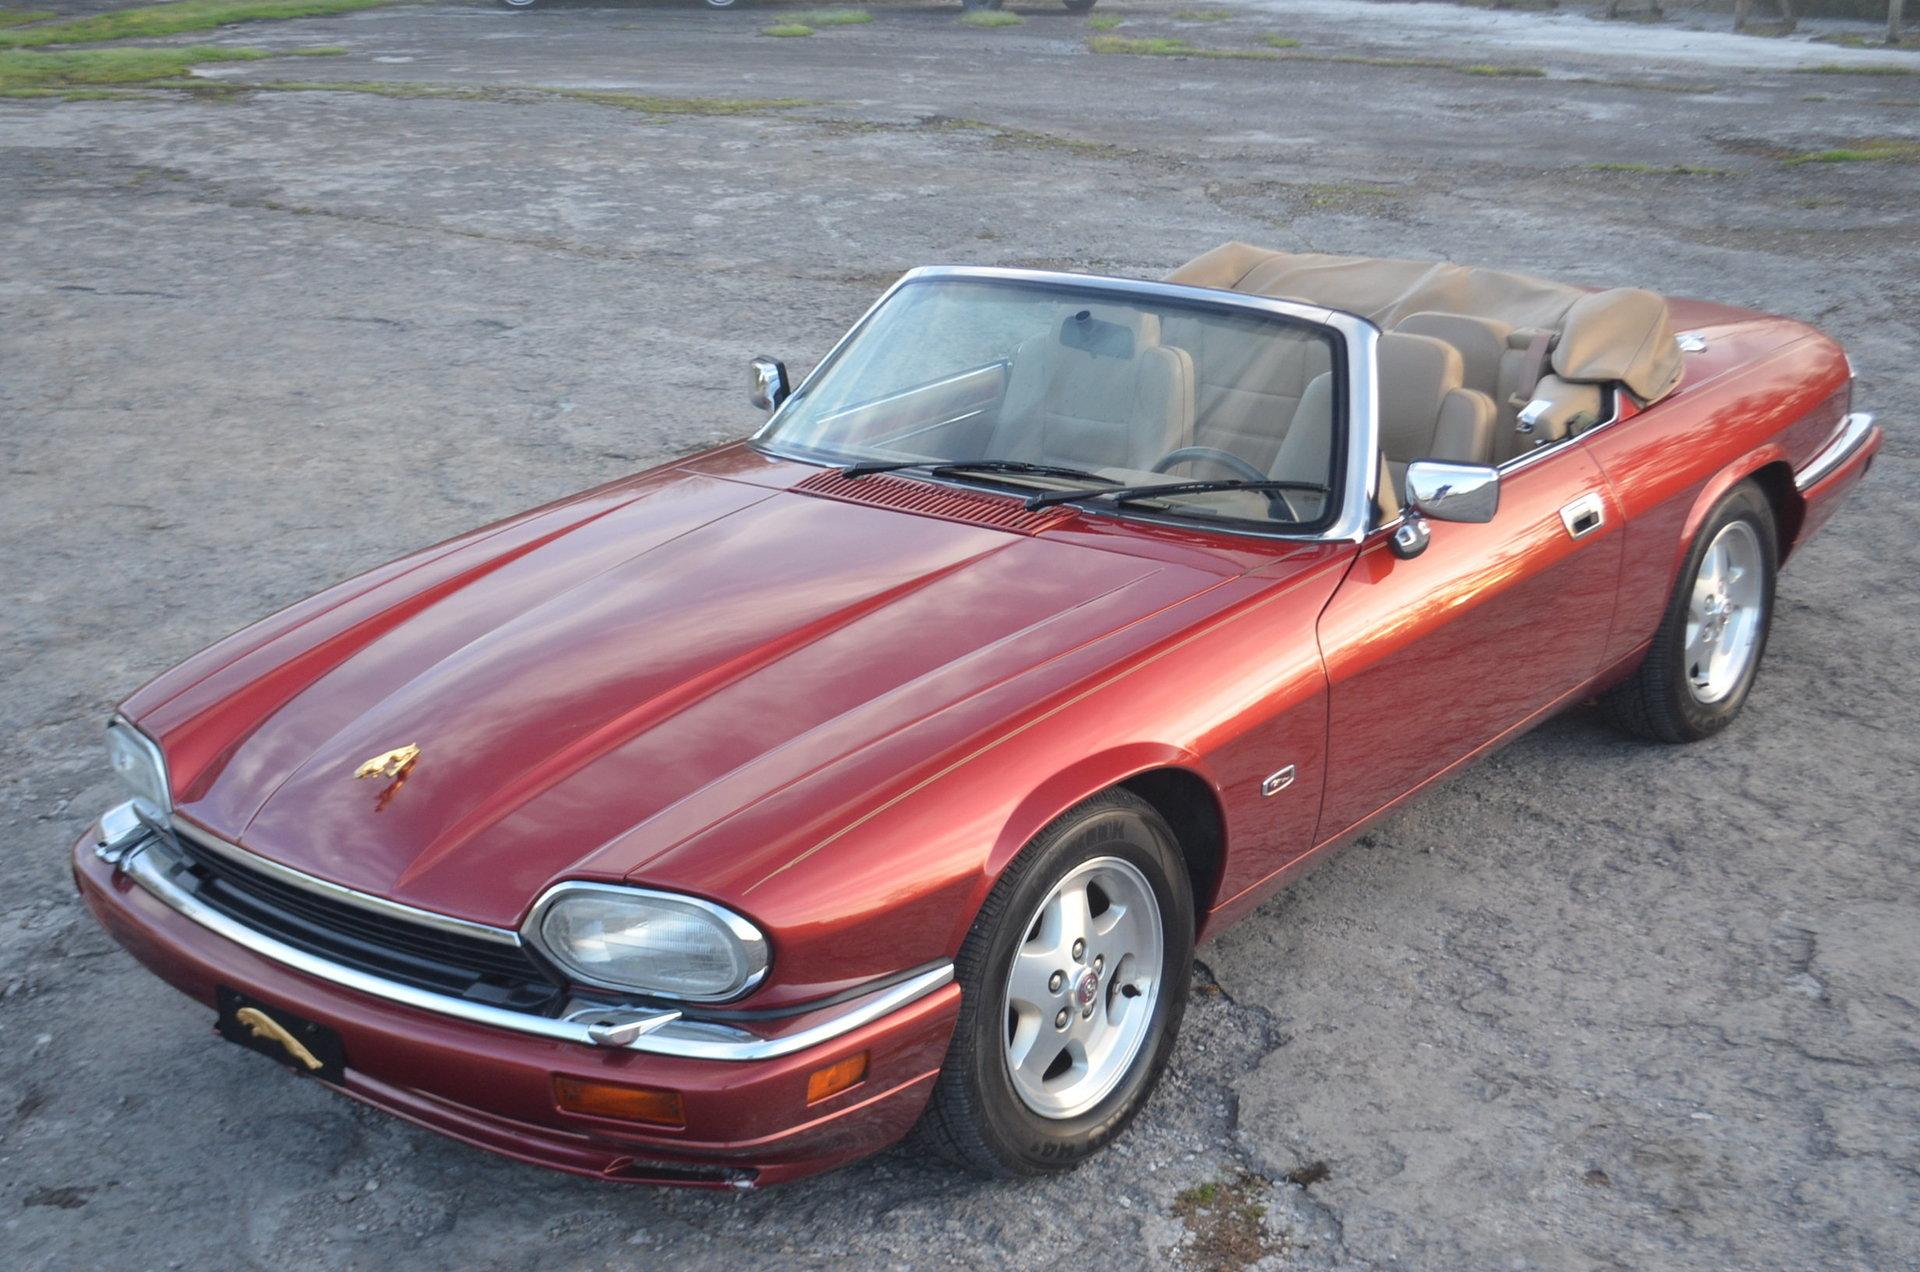 37001a3f3e66 hd 1995 jaguar xjs